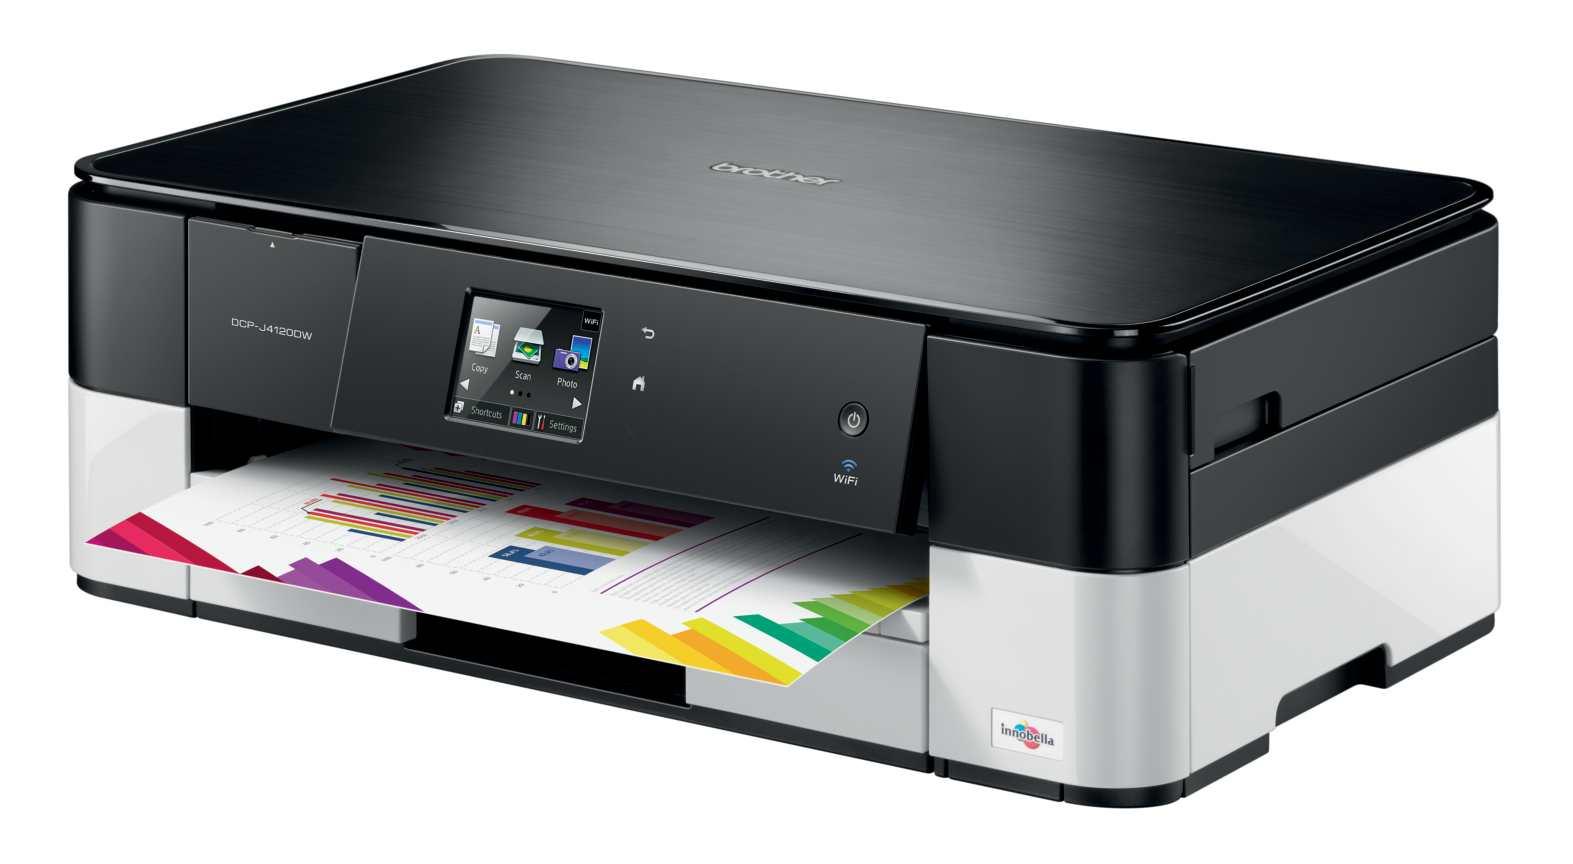 Brother DCP-J4120DW, tiskárna/kopírka/skener, tisk na šířku, duplexní tisk, síť, WiFi, dotykový LCD